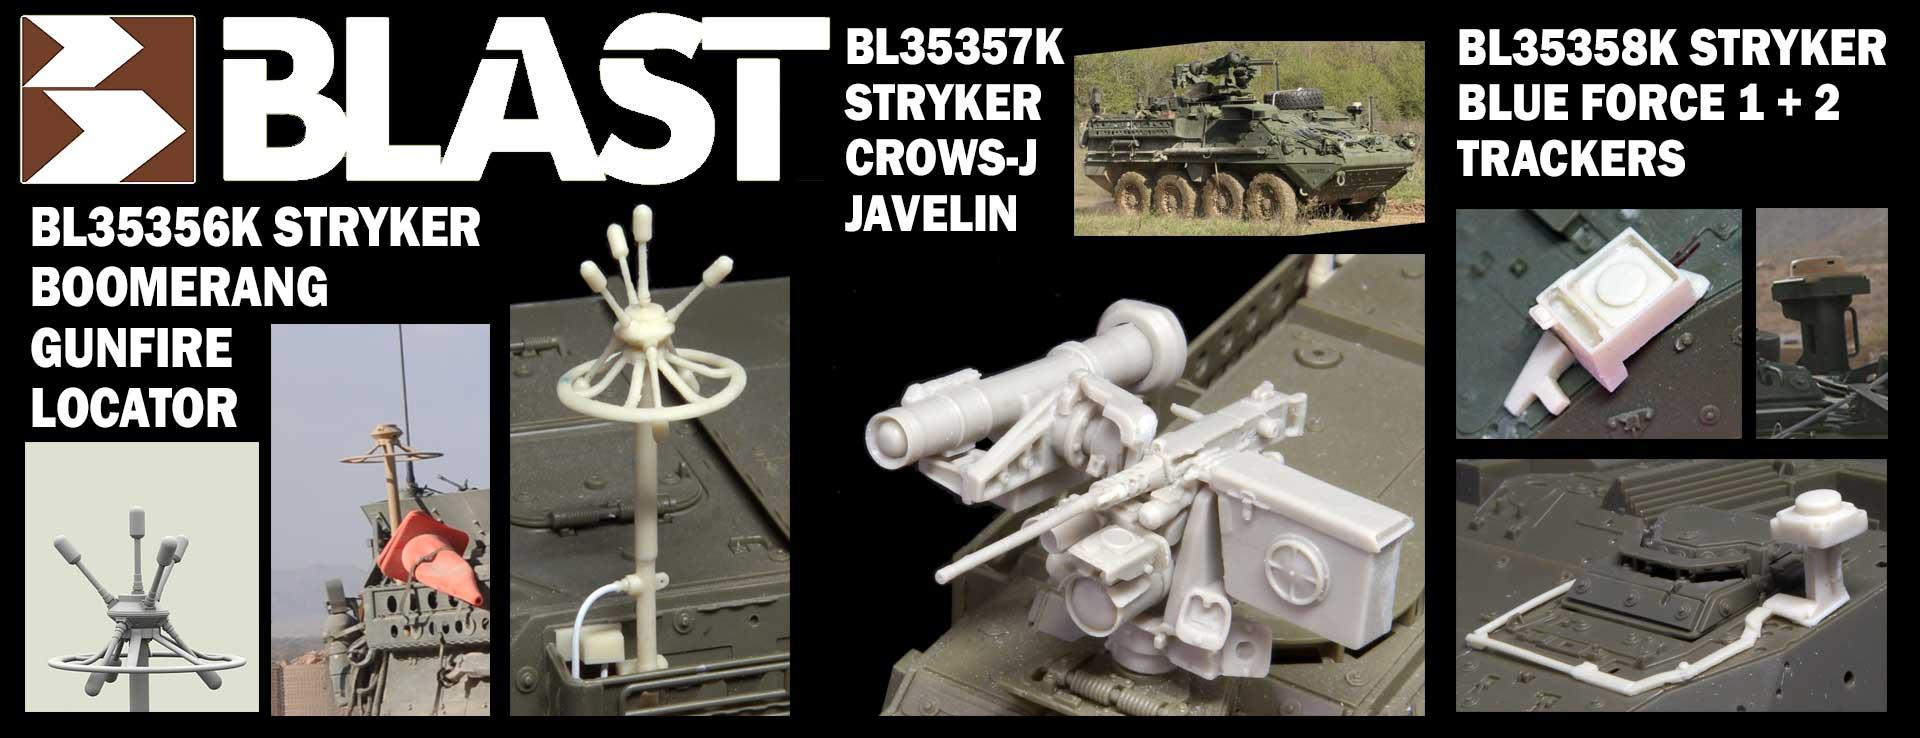 Stryker sets BL35356K BL35357K BL35358K